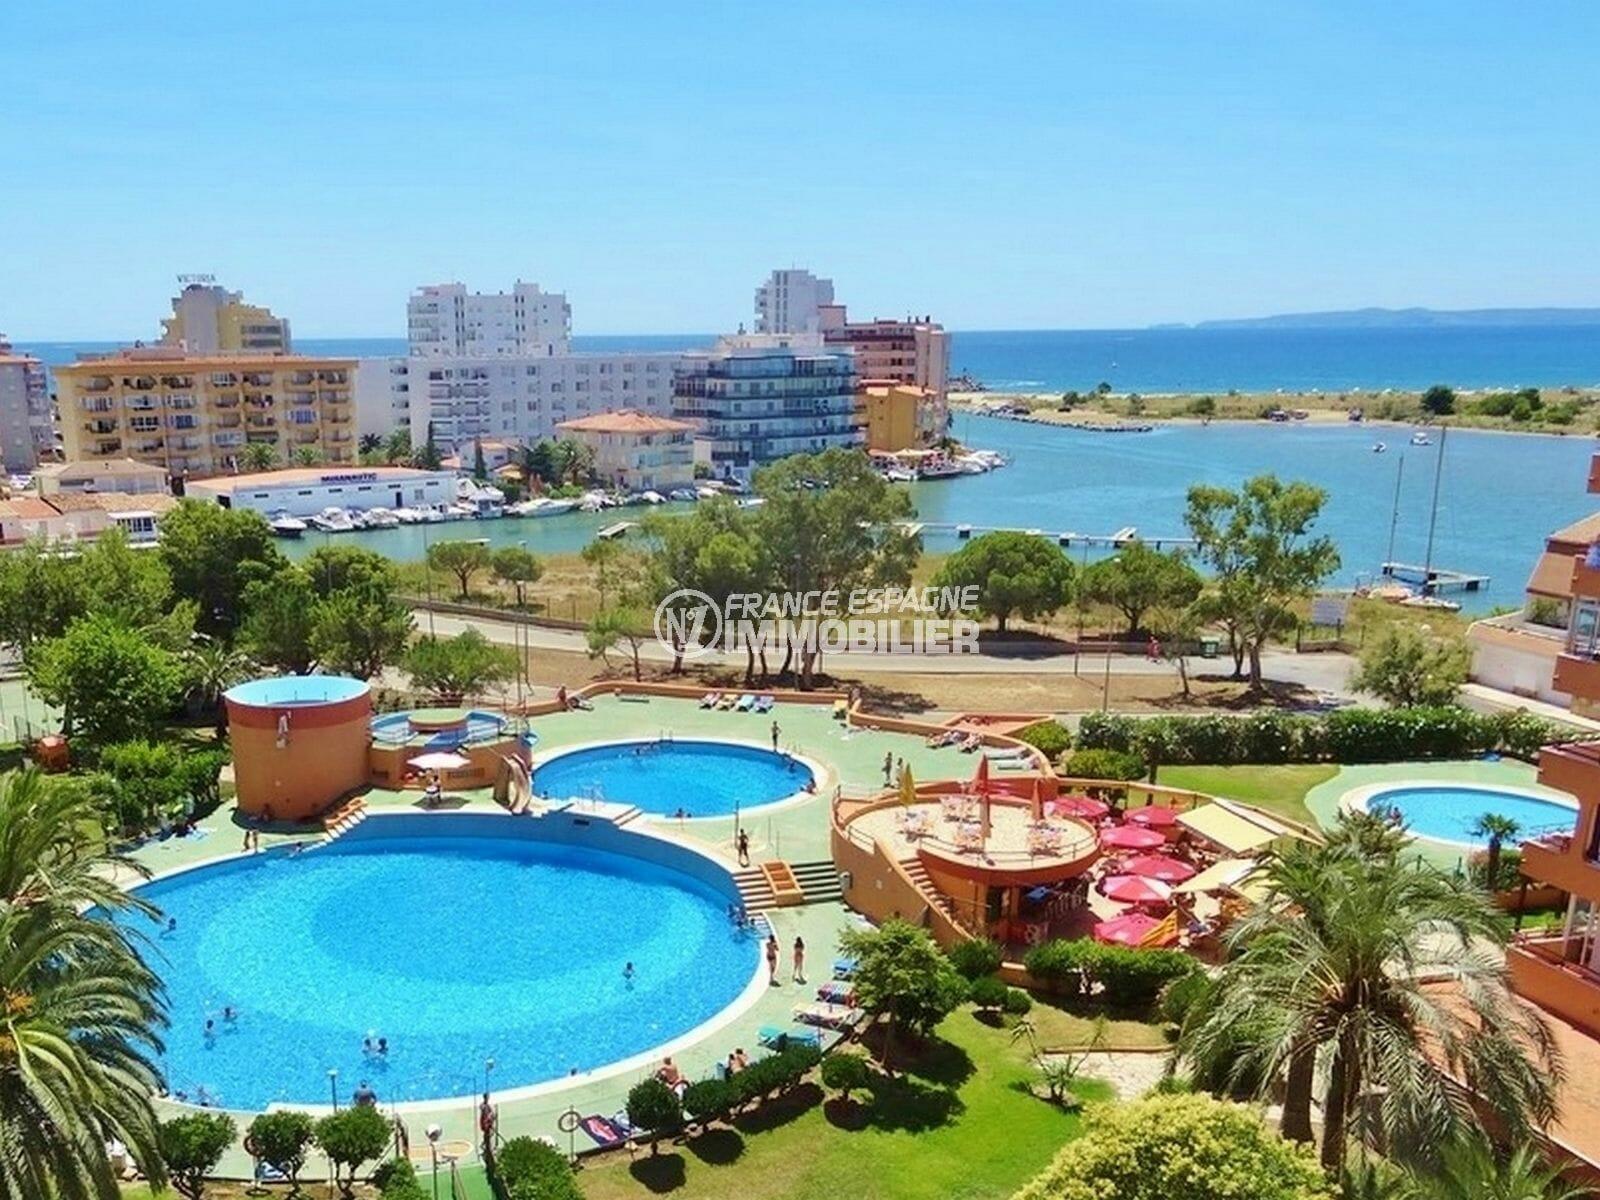 appartement a vendre rosas, 2 pièces 62 m² dans belle résidence avec piscine, jacuzzi, tennis et local à vélos. proche plage et commerces